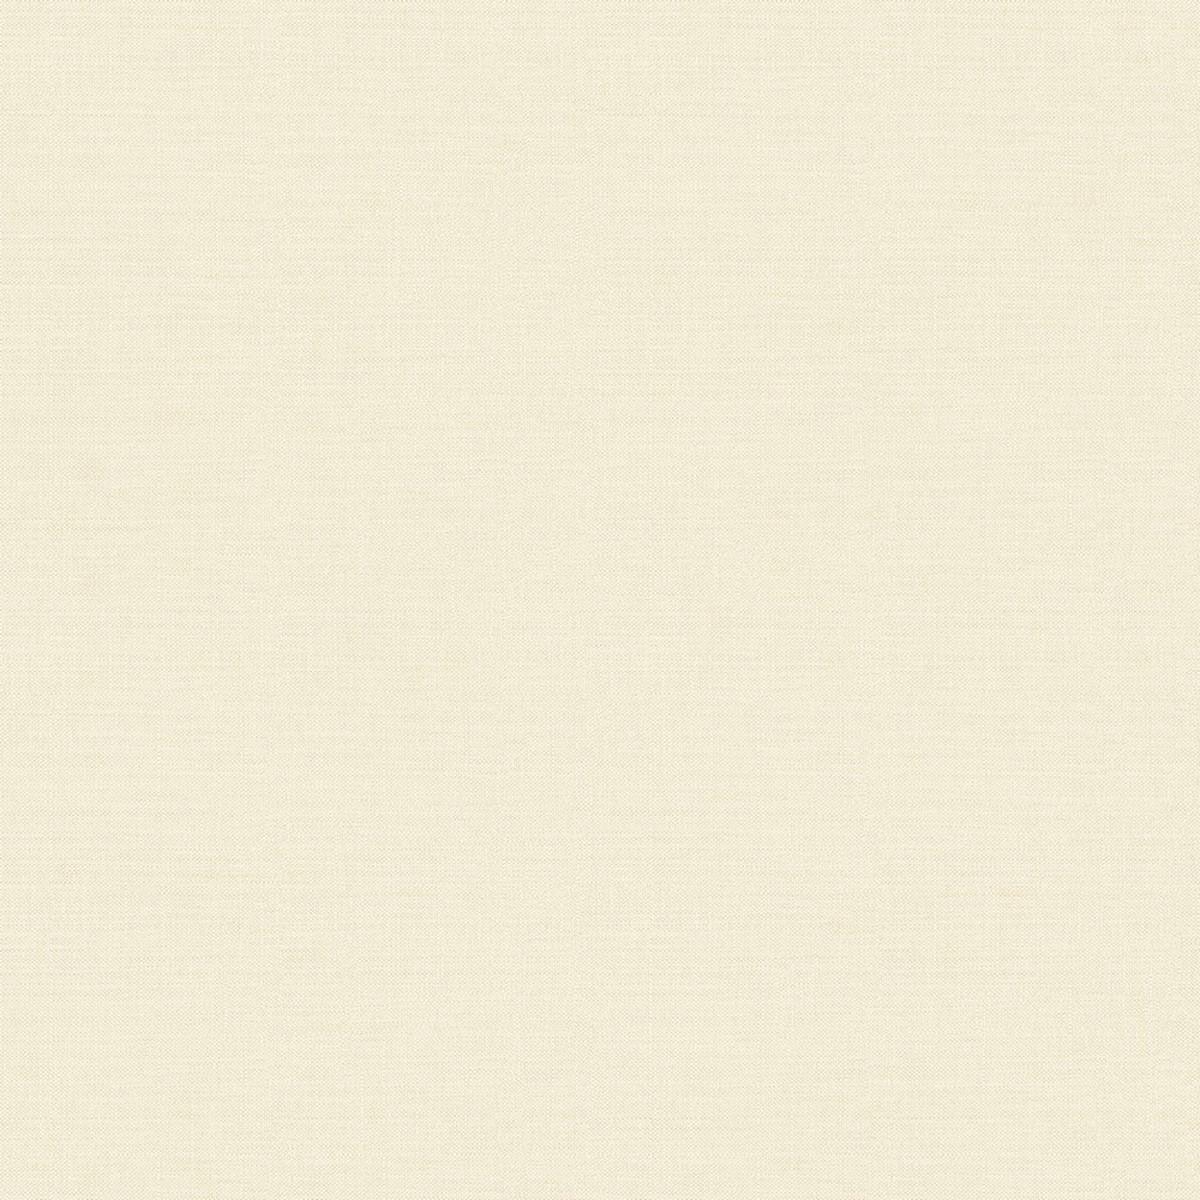 Обои флизелиновые Grandeco Painterly бежевые 0.53 м PY1001